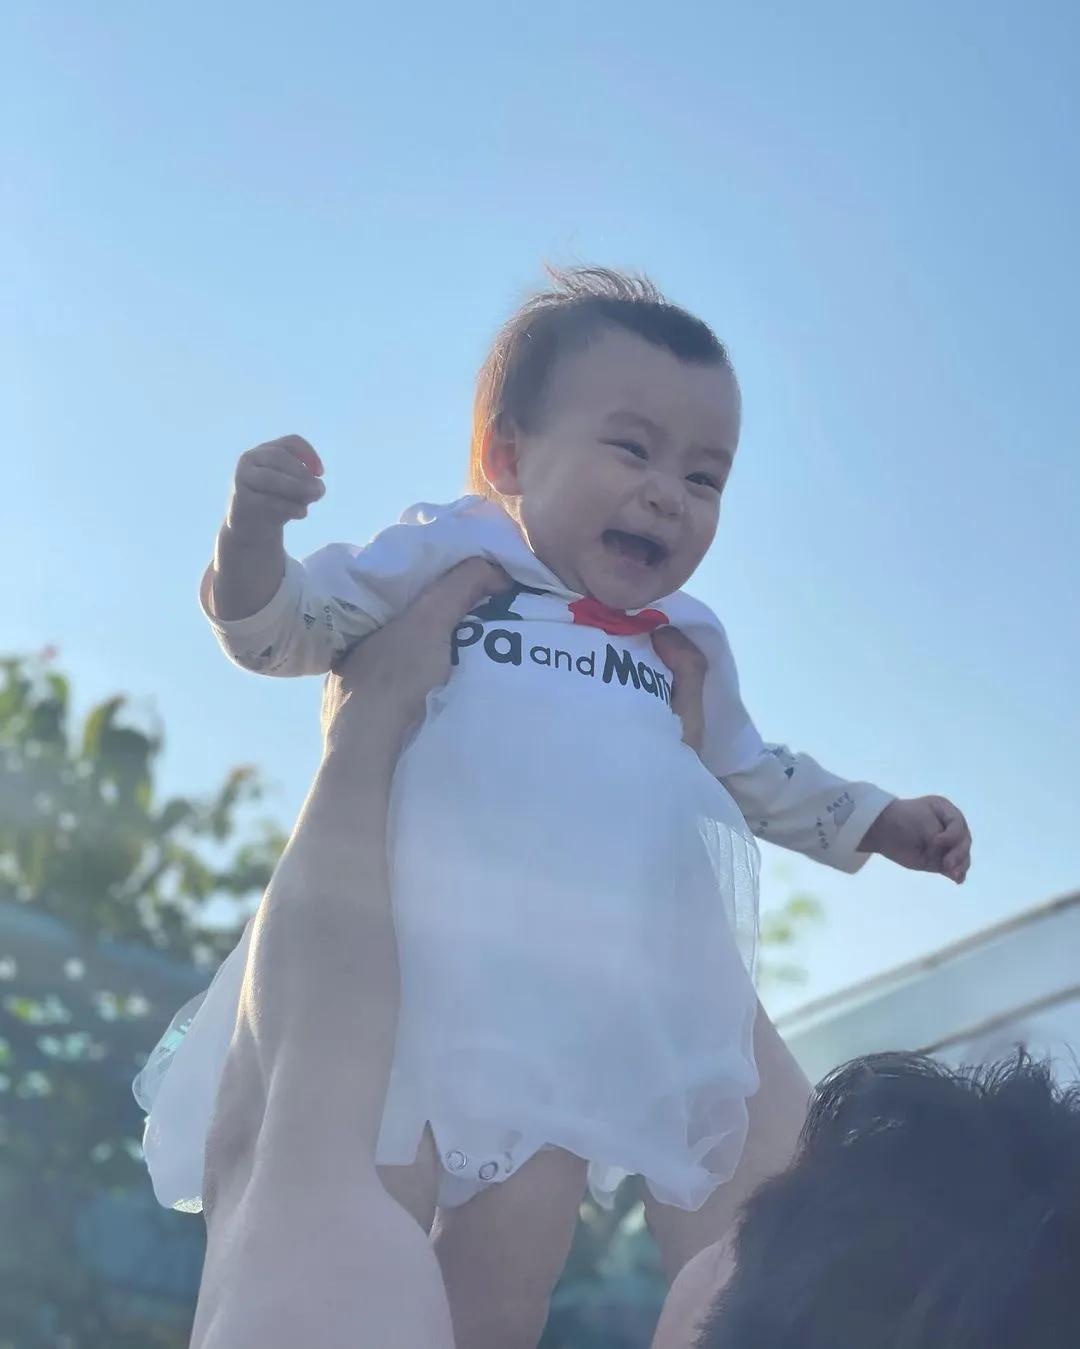 楊怡羅仲謙夫婦為女兒慶生,畫面溫馨有愛,1歲小珍珠可愛似爸爸